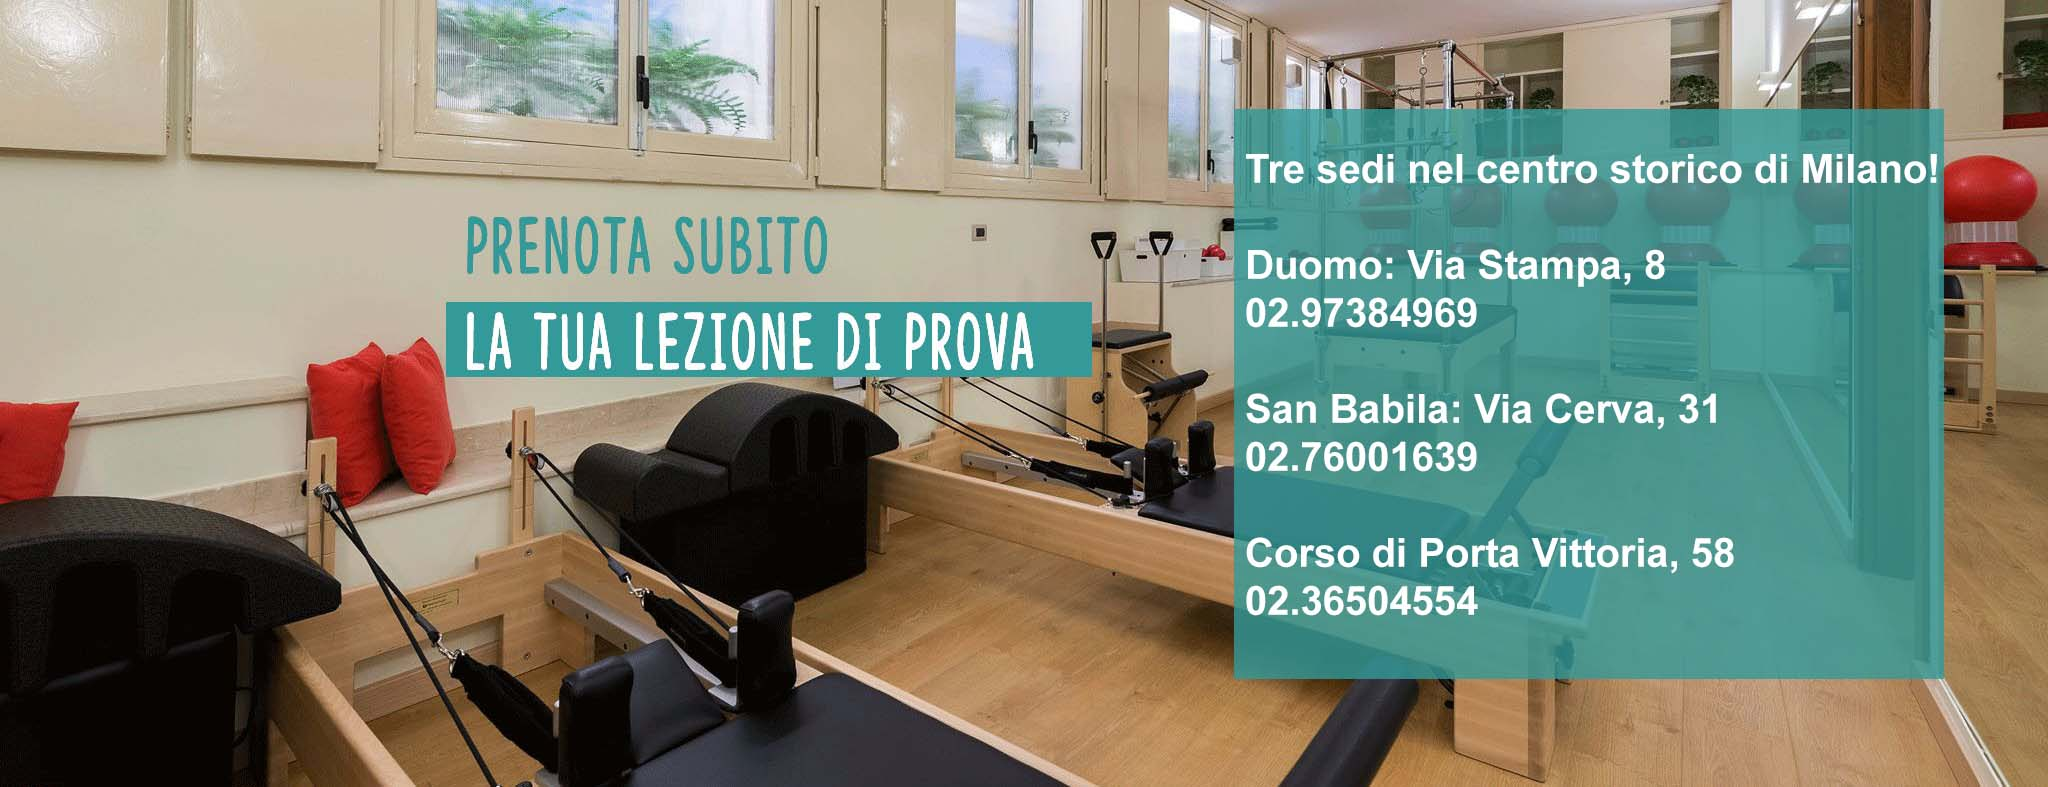 Palestra Pilates San Siro Milano - Prenota subito la tua lezione di prova